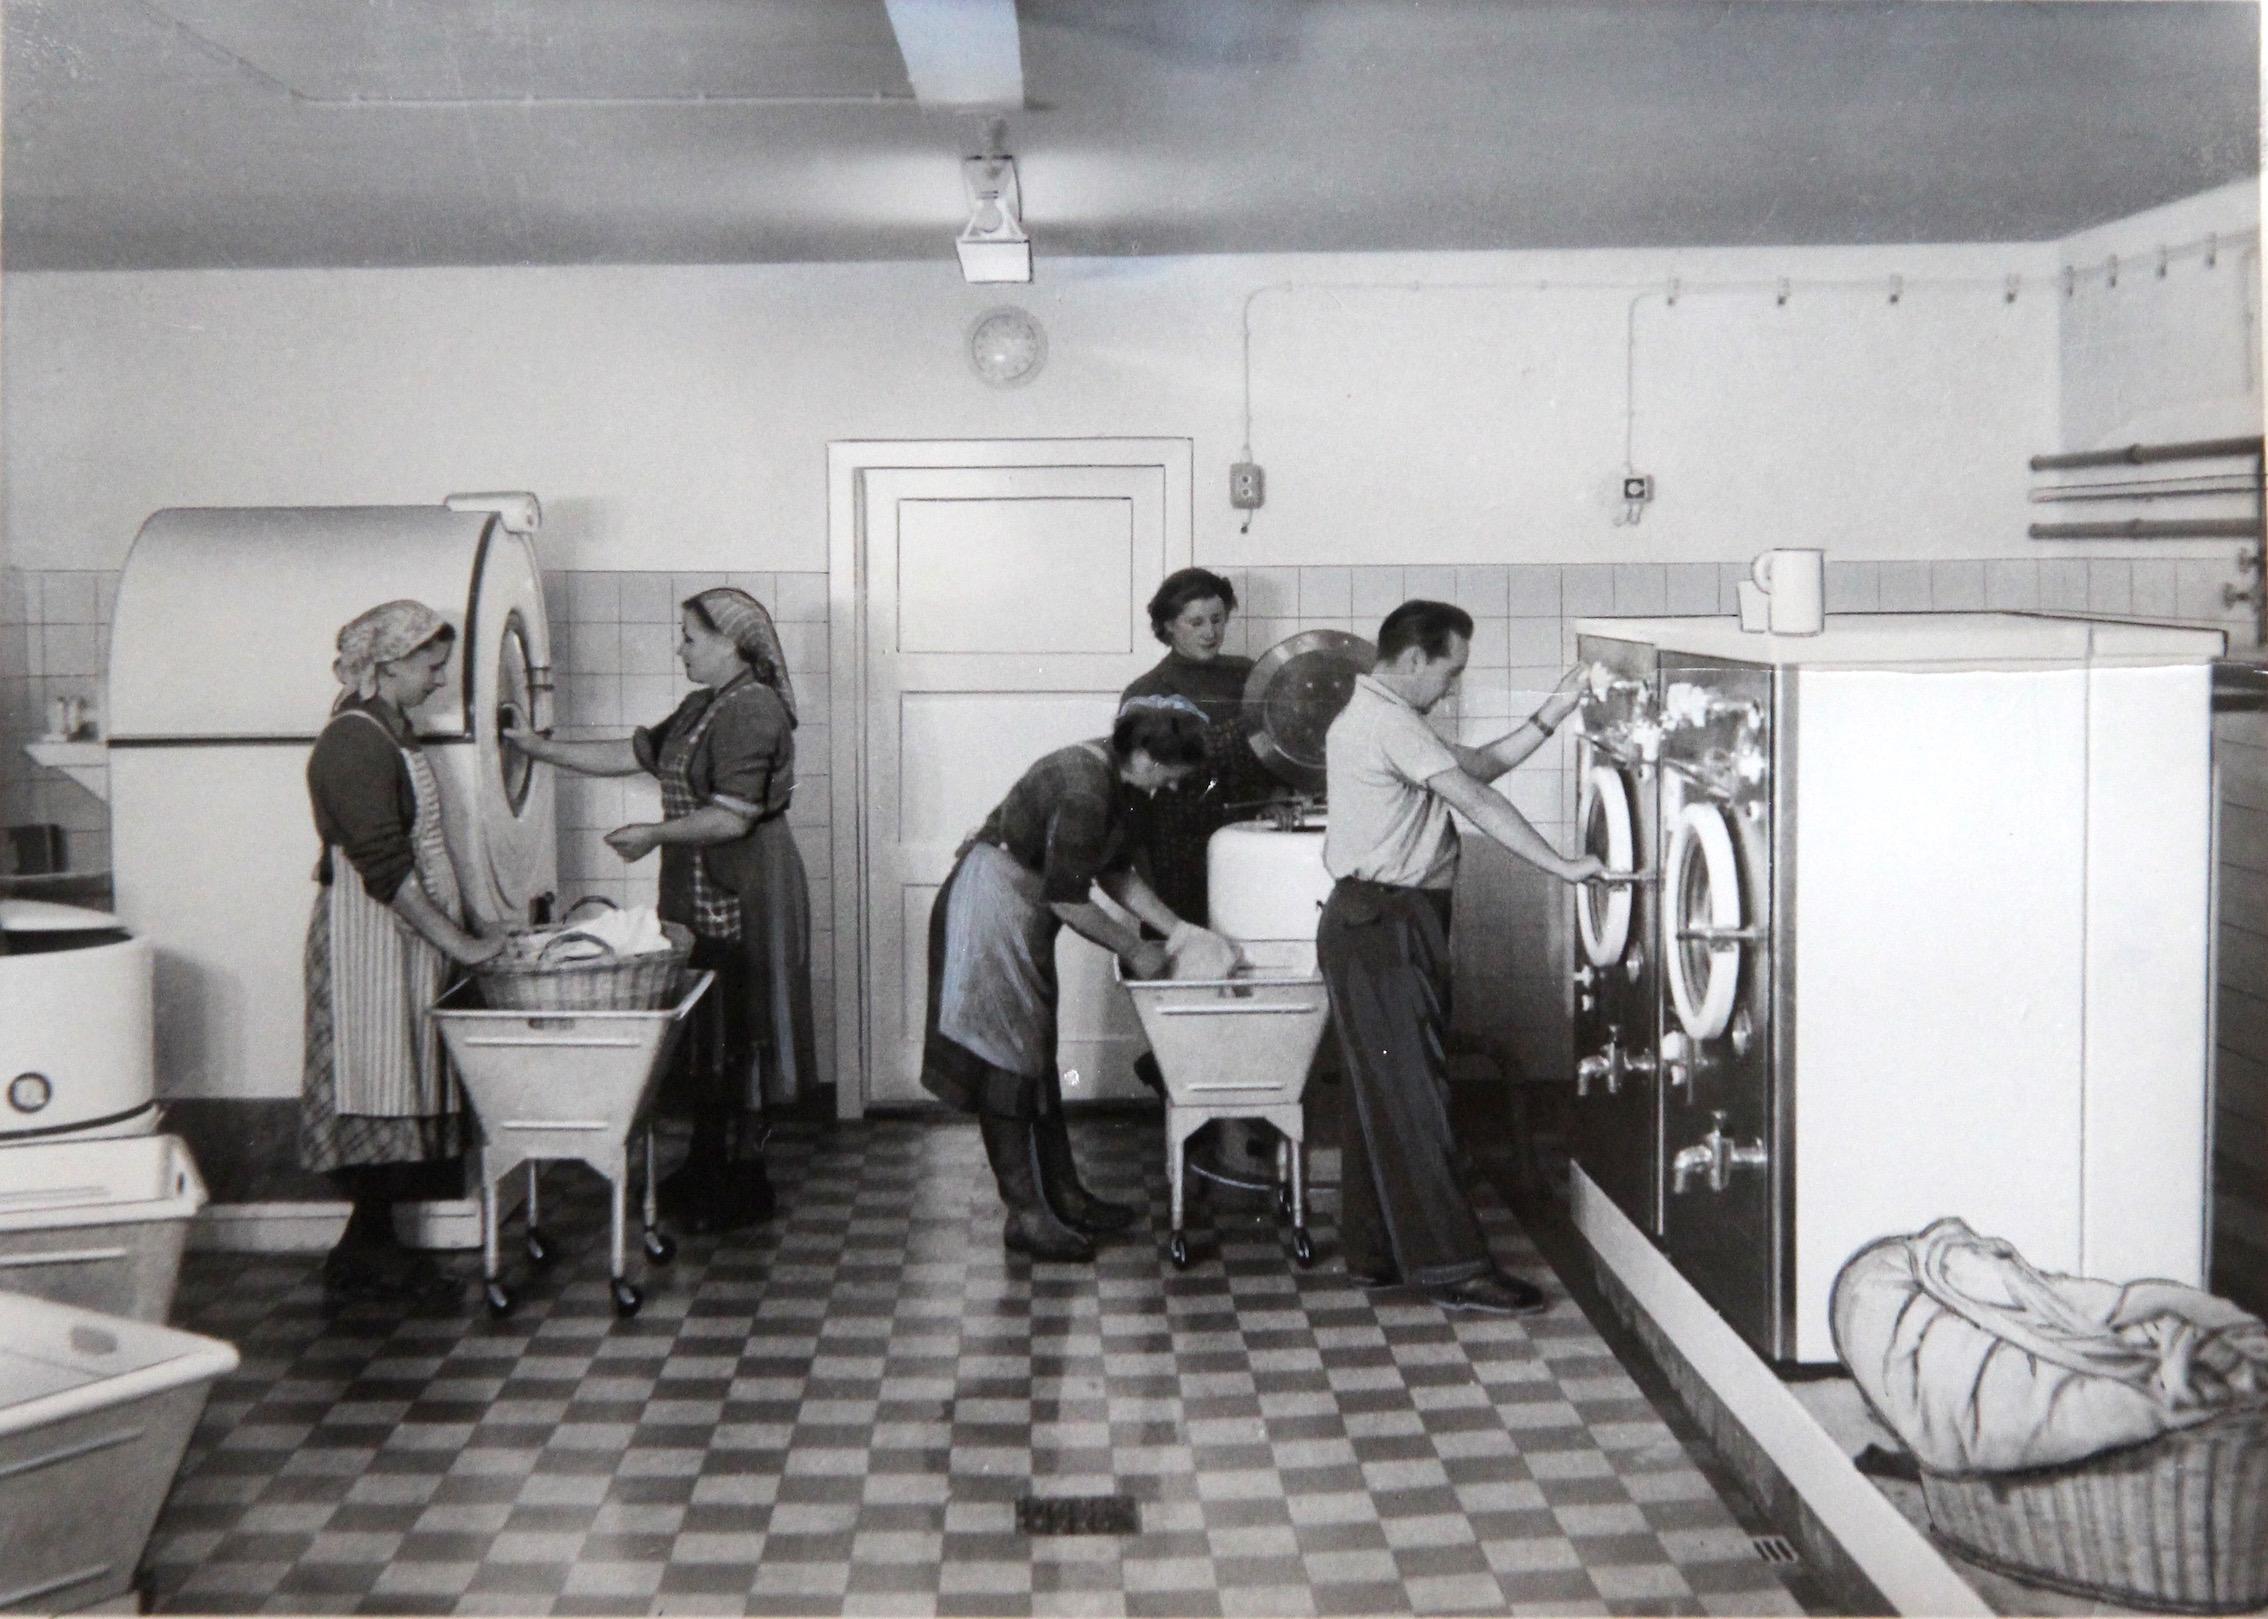 Waschküche die waschküche im gemeinschaftshaus um 1956 geschichte n aus